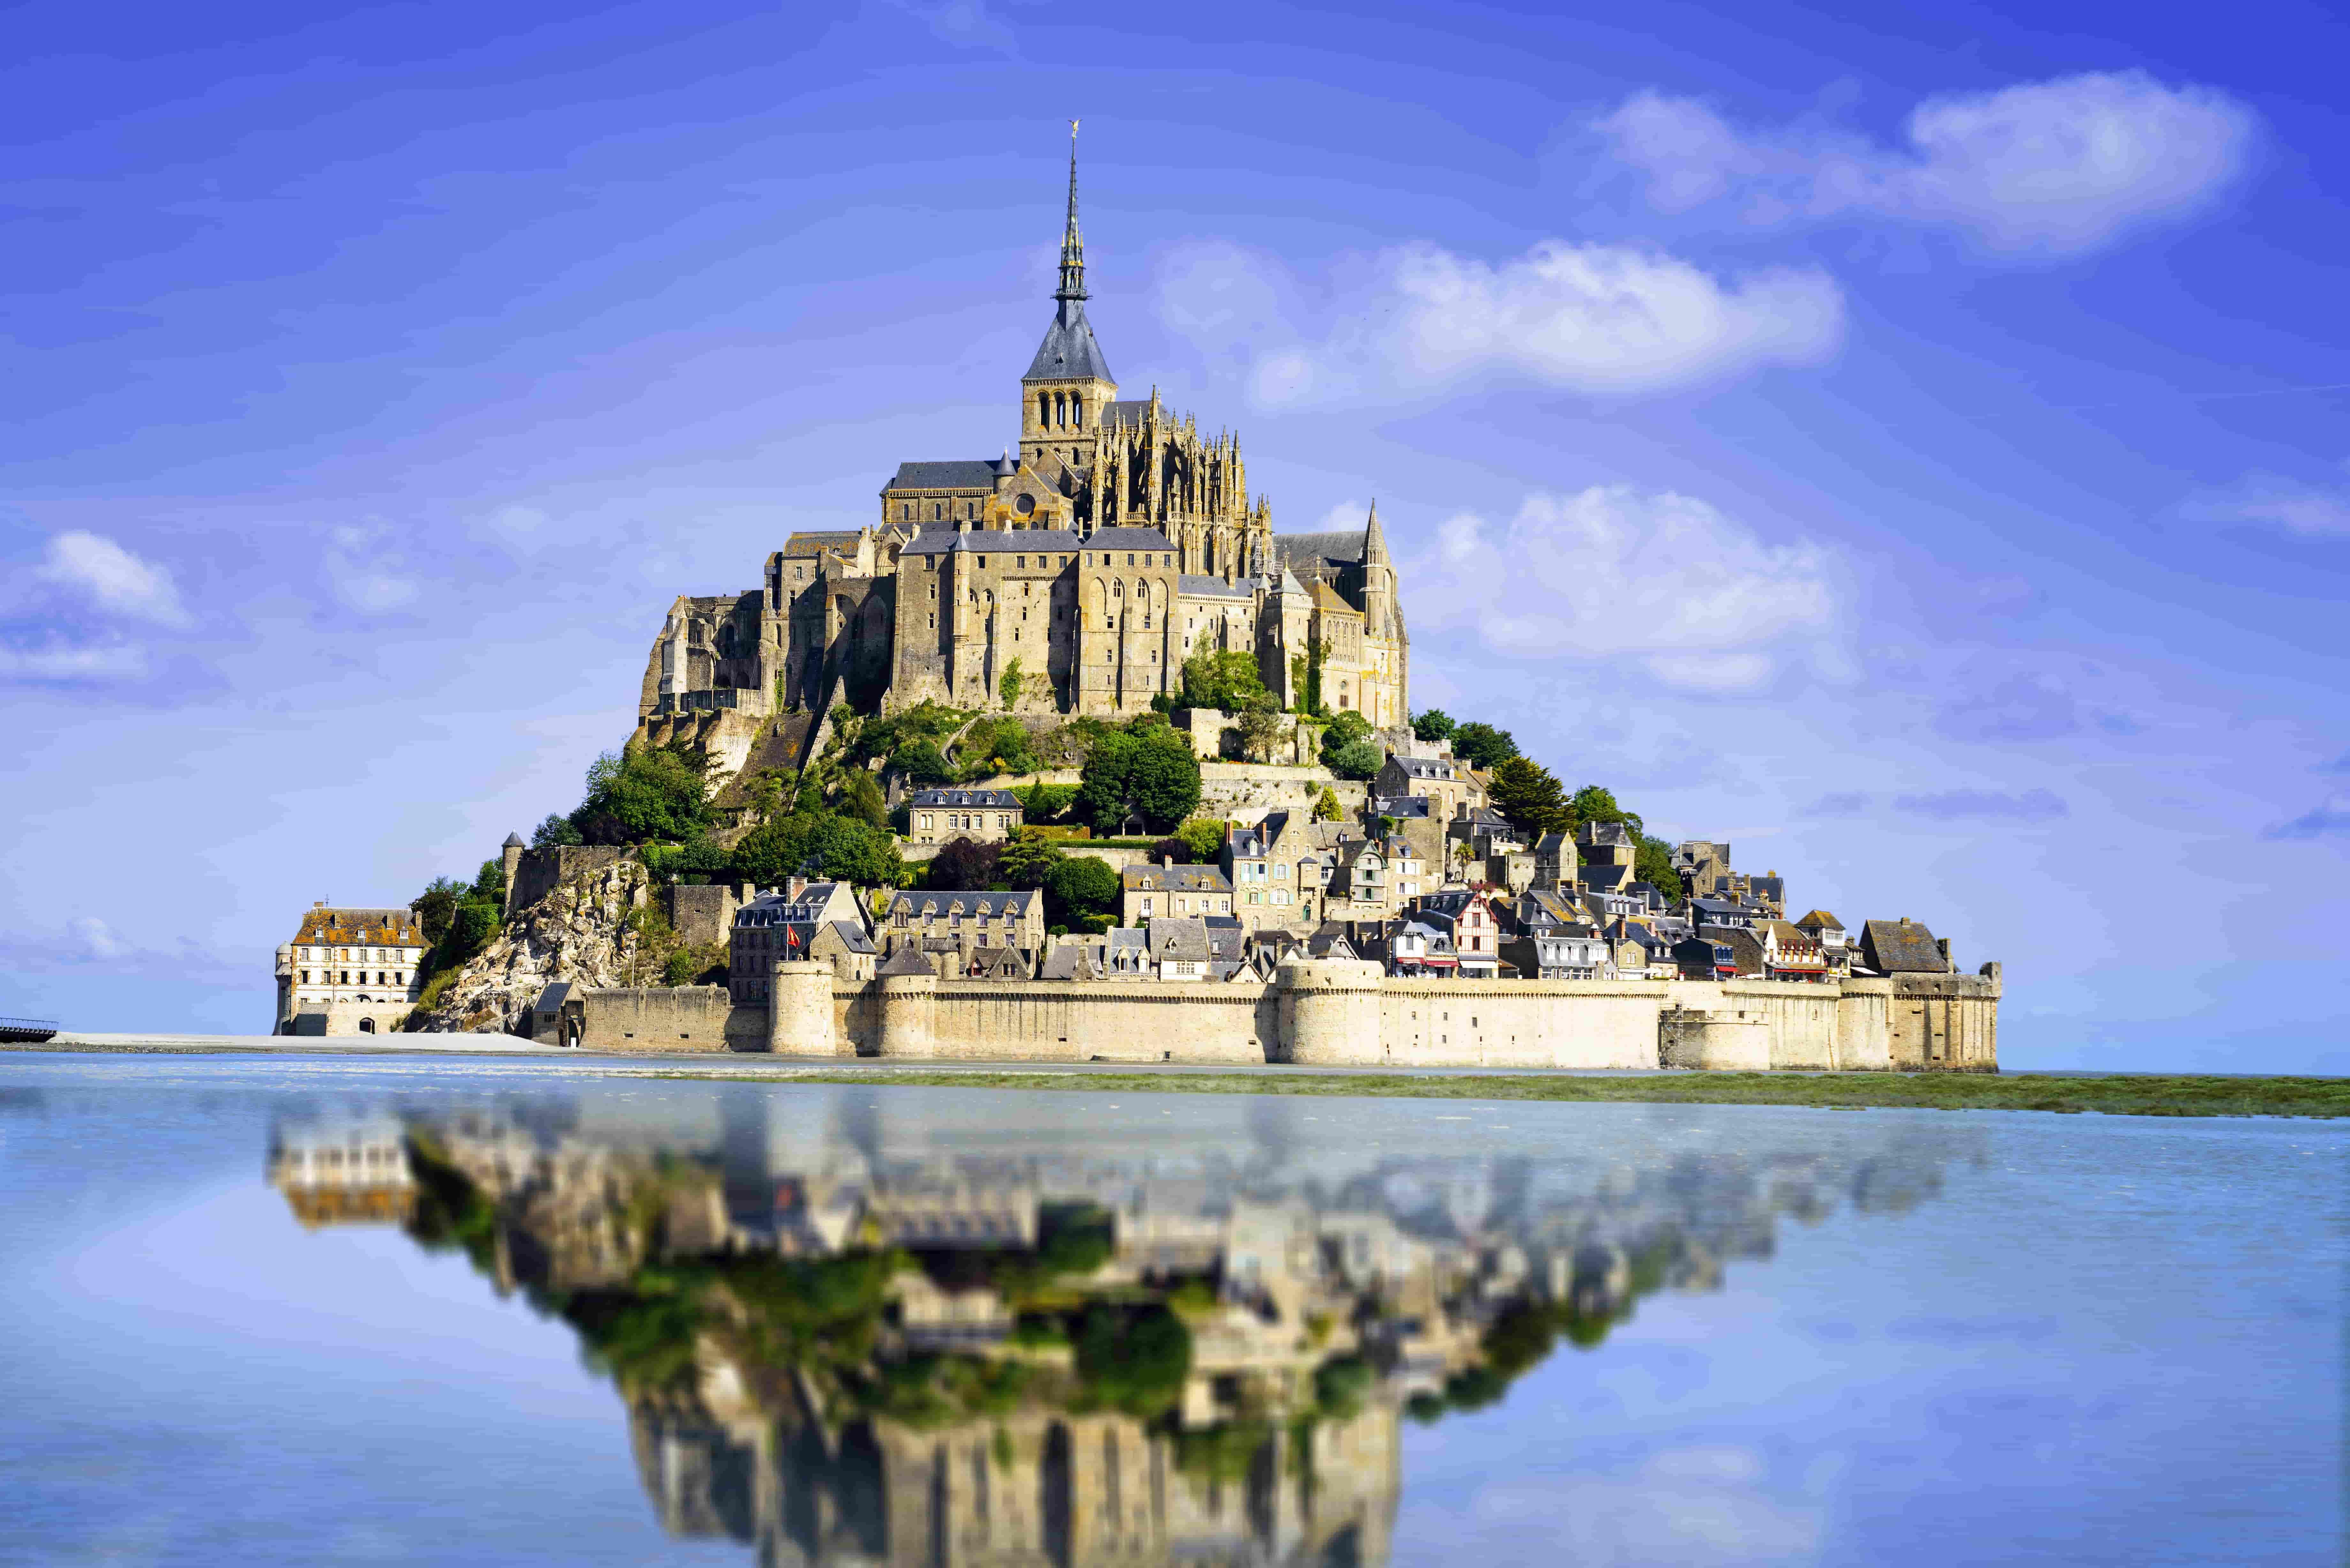 【法國世界文化遺產】巴黎聖米歇爾山一日遊+中文/英語導遊